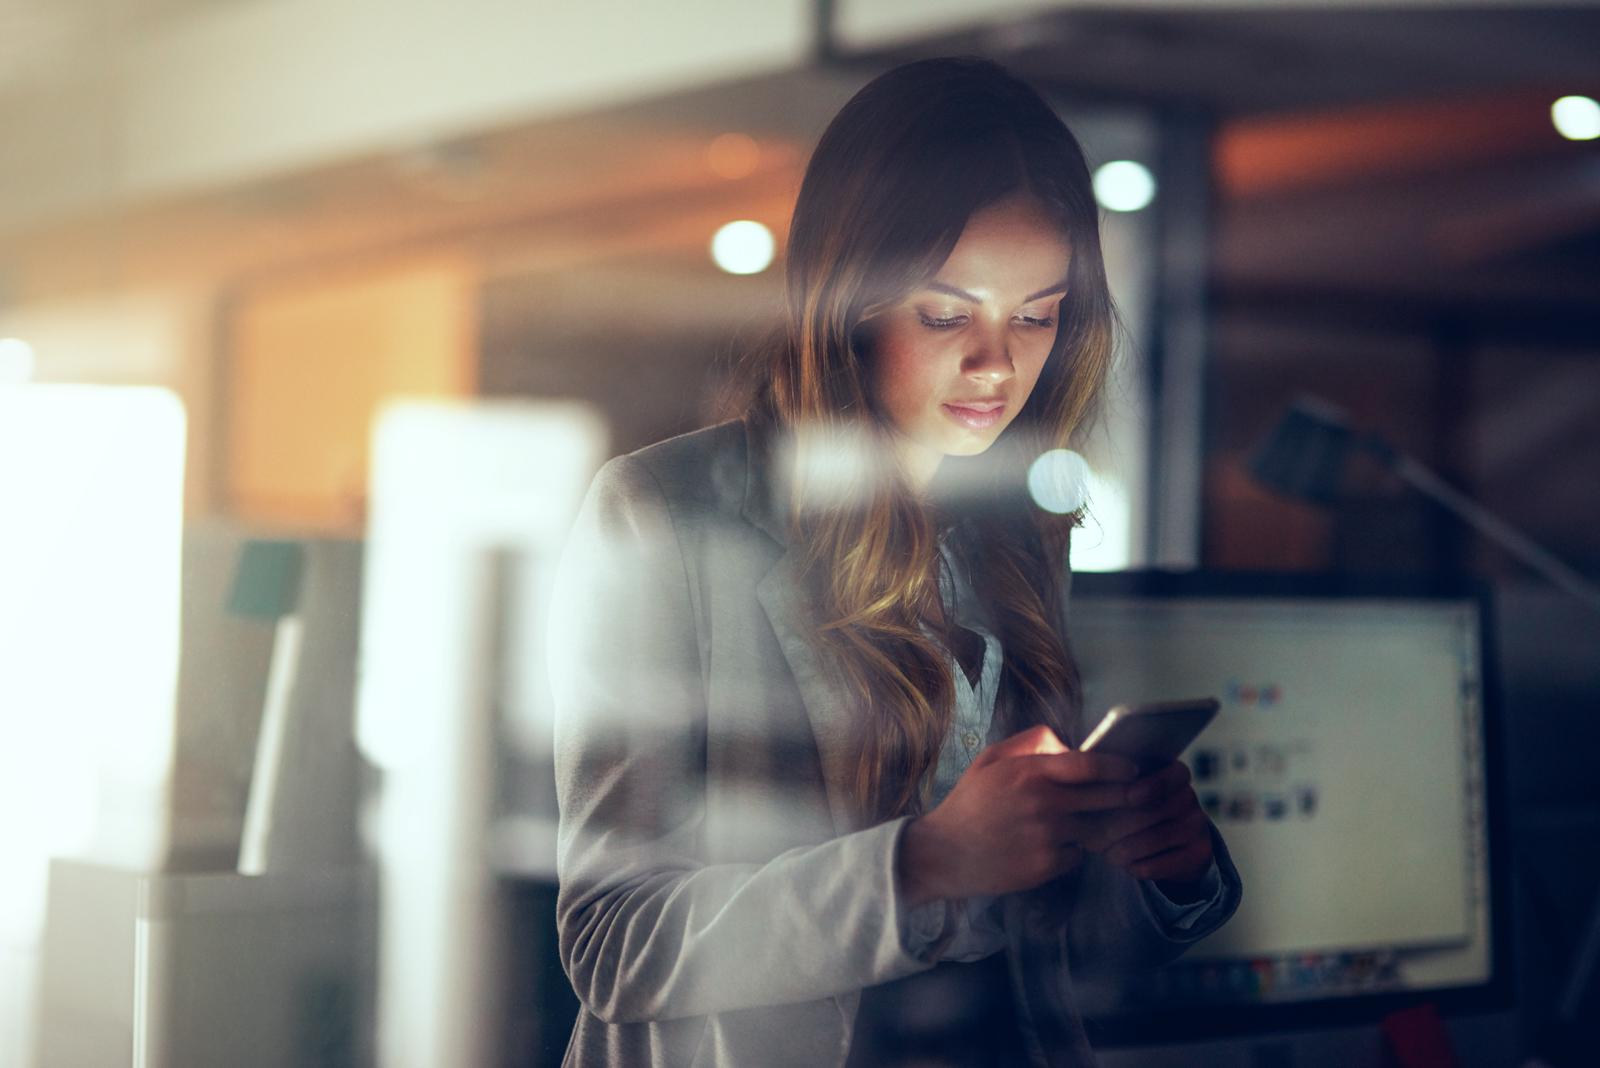 B2B-marknadsföring – fördelarna med Inbound Marketing för B2B-företag